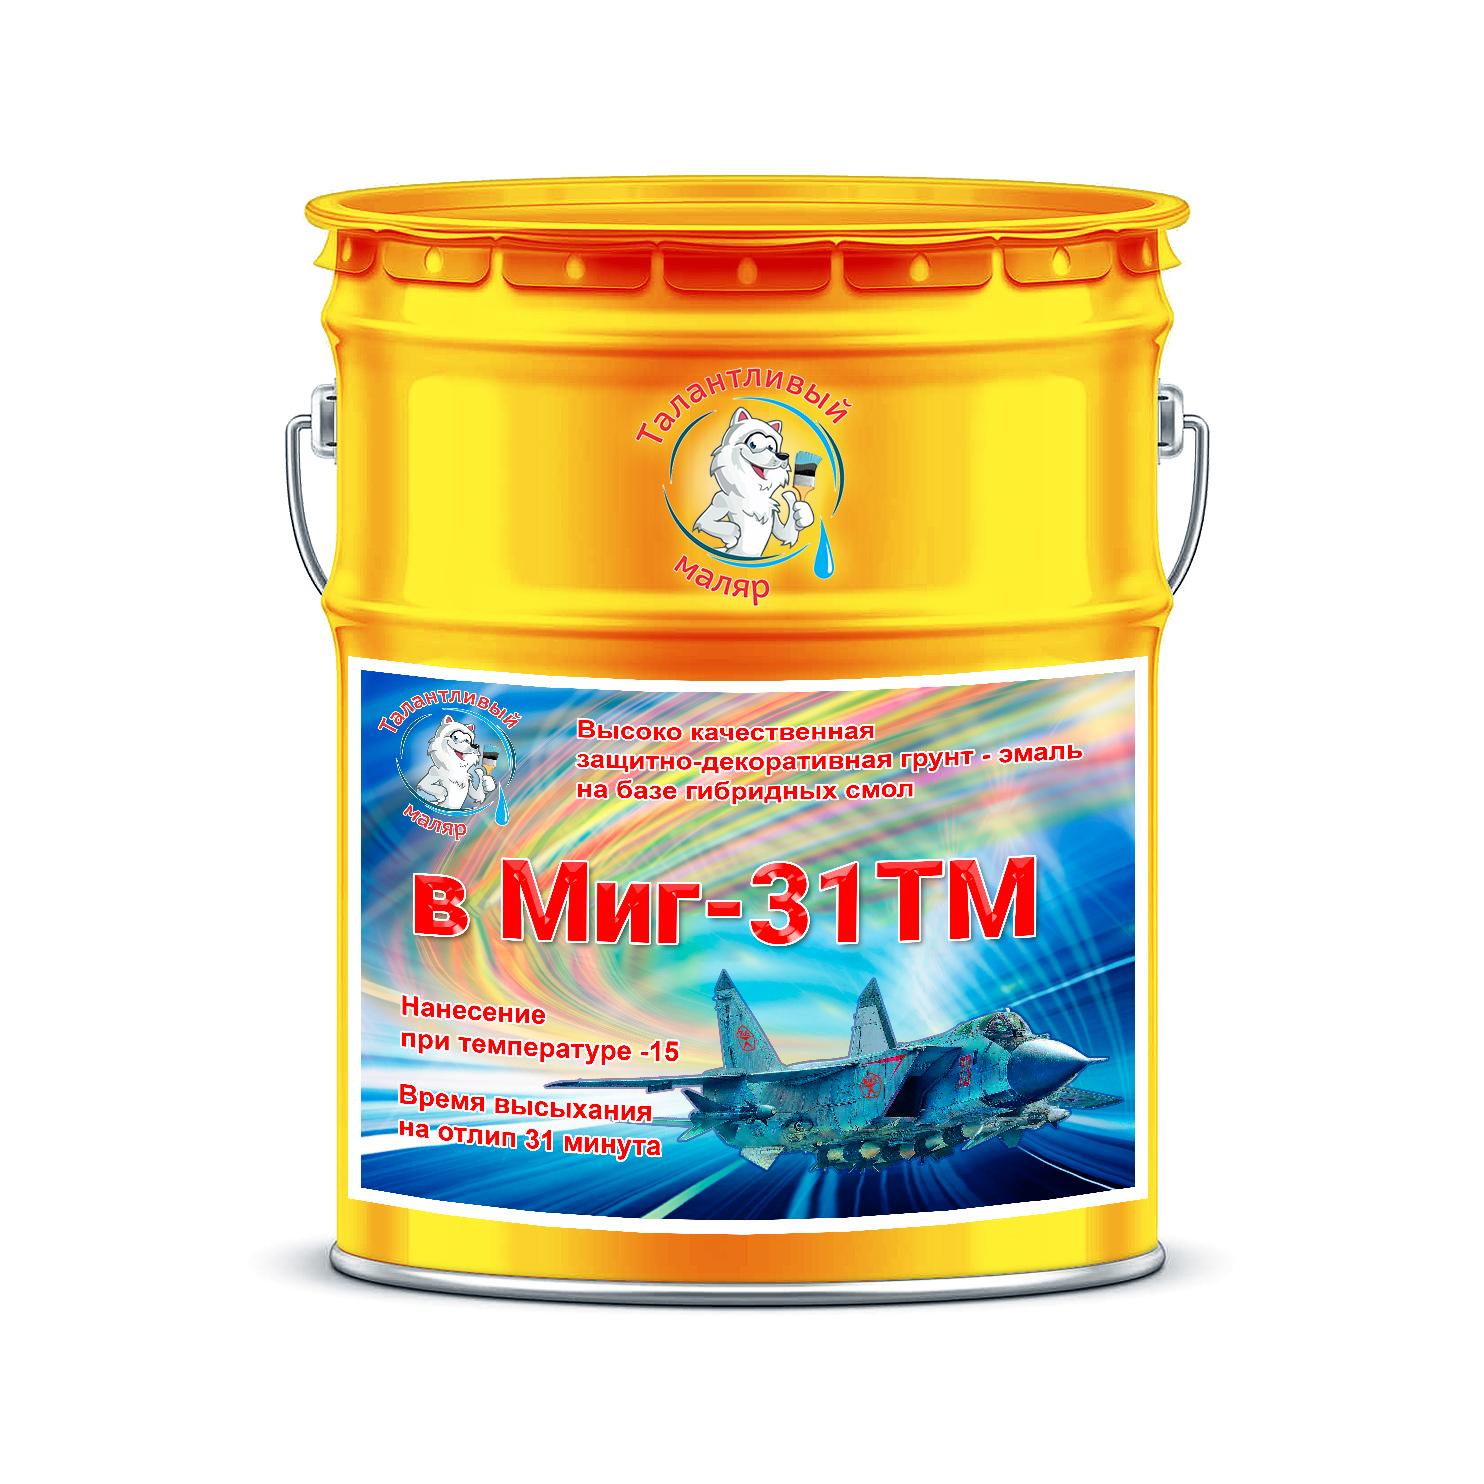 """Фото 10 - Грунт-Эмаль Премиум  """"ВМИГ - 31 ТМ"""" цвет RAL 1003 Сигнально-жёлтый, полуглянцевая, быстросохнущая, морозостойкая, на базе гибридных смол, по ржавчине 3 в 1, 20 кг """"Талантливый Маляр""""."""